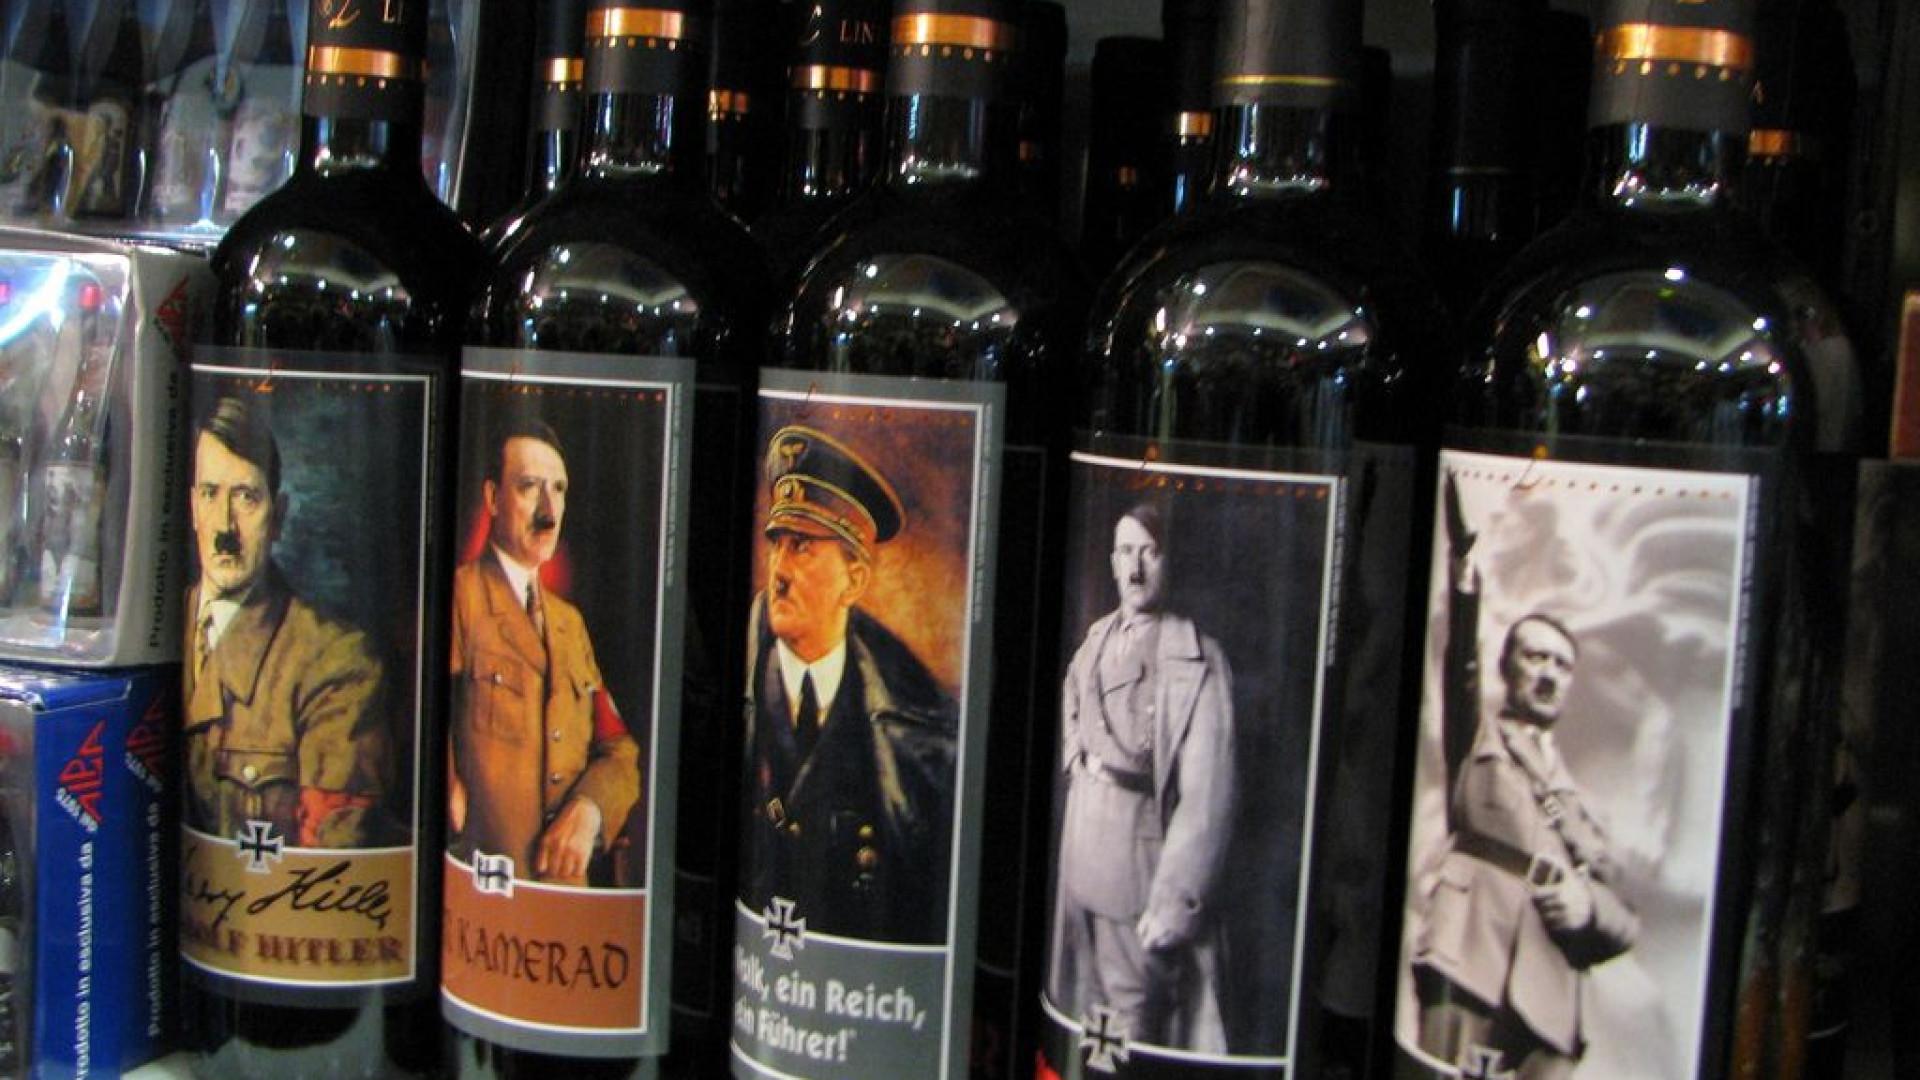 Preso depois de polícia encontrar vinho com cara de Hitler em sua casa